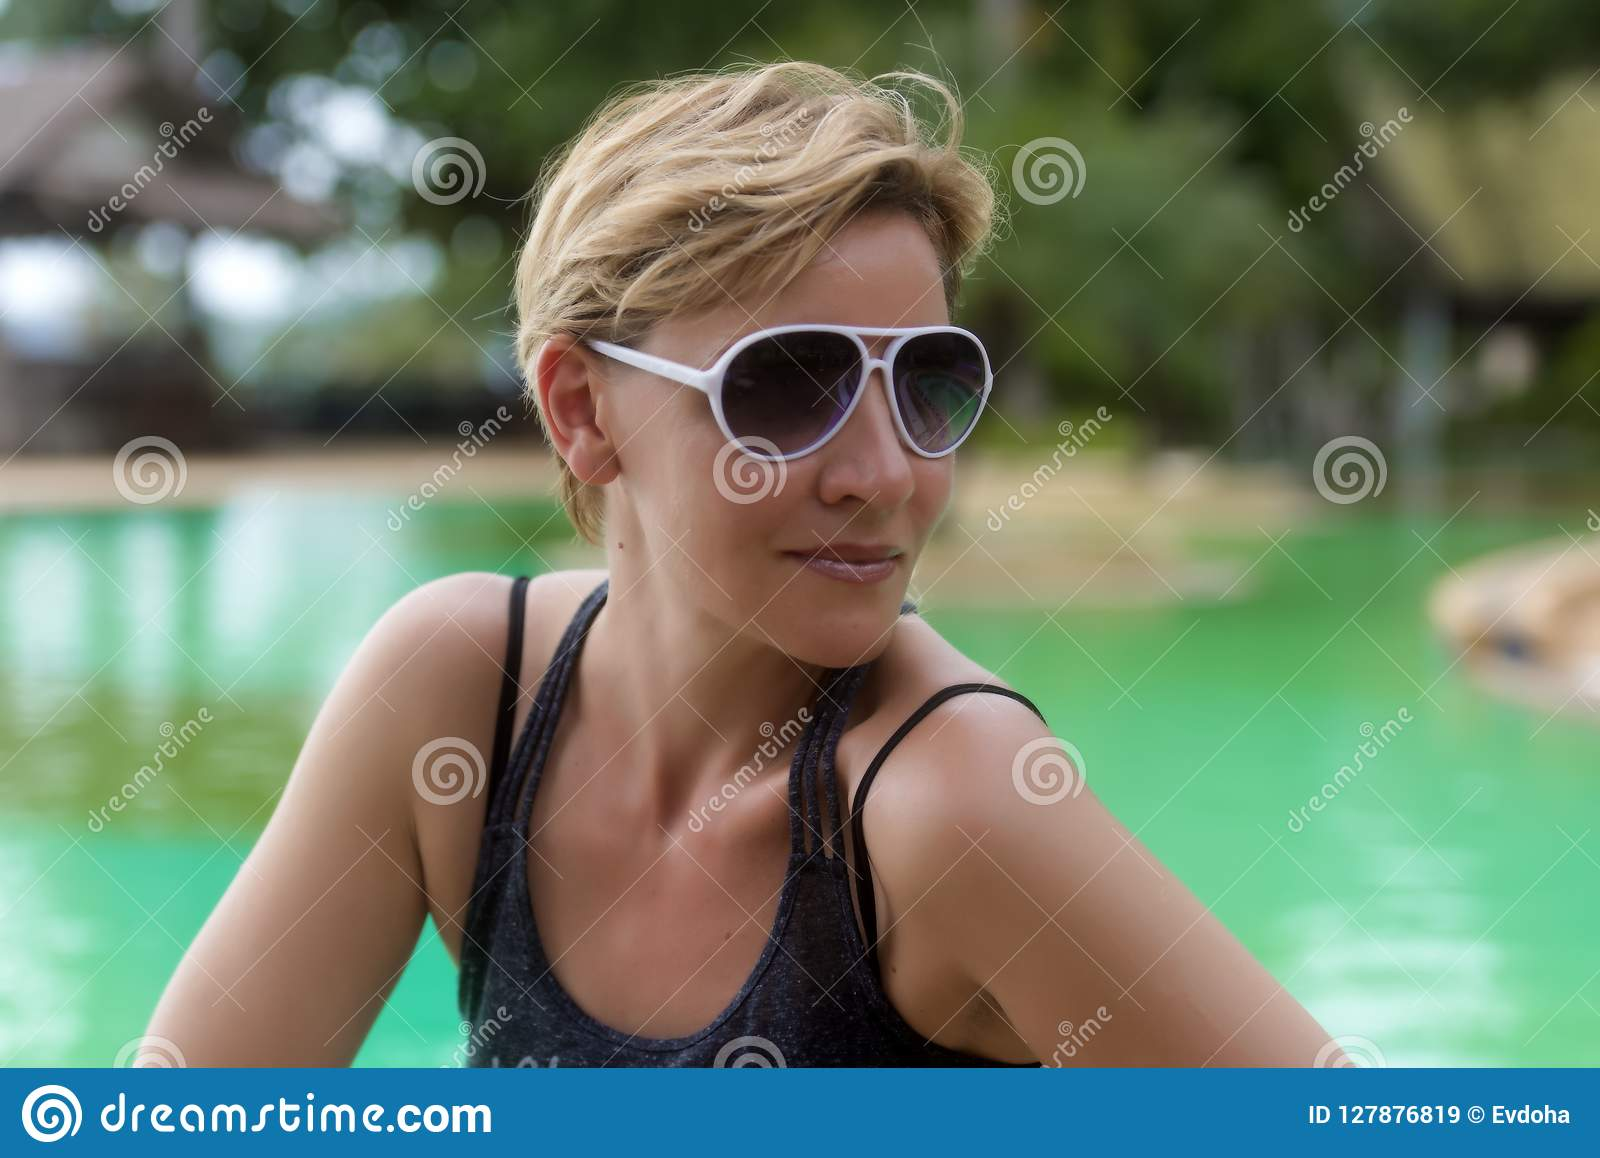 Femme Blonde 30 Années Avec Une Coupe De Cheveux Courte Dans